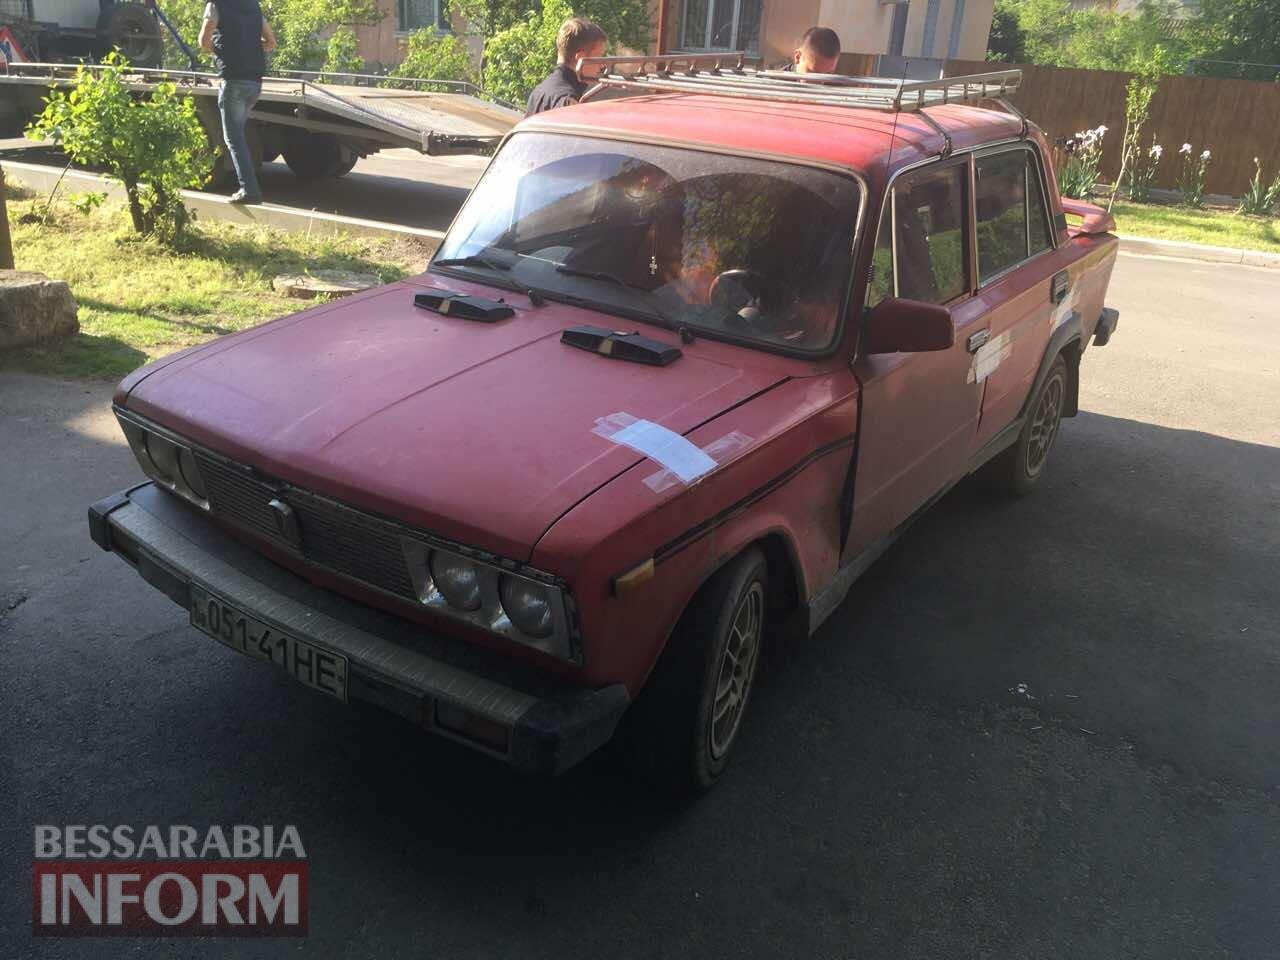 591b1de72c663_3246357453 Бдительные измаильчанки сообщили в полицию о подозрительном автомобиле